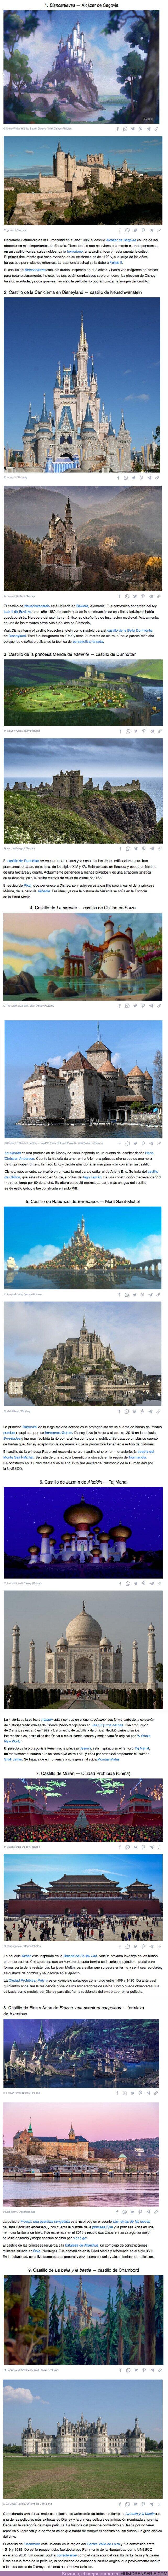 82645 - GALERÍA: 9 Castillos reales que Disney habría utilizado como inspiración para crear los palacios de sus princesas